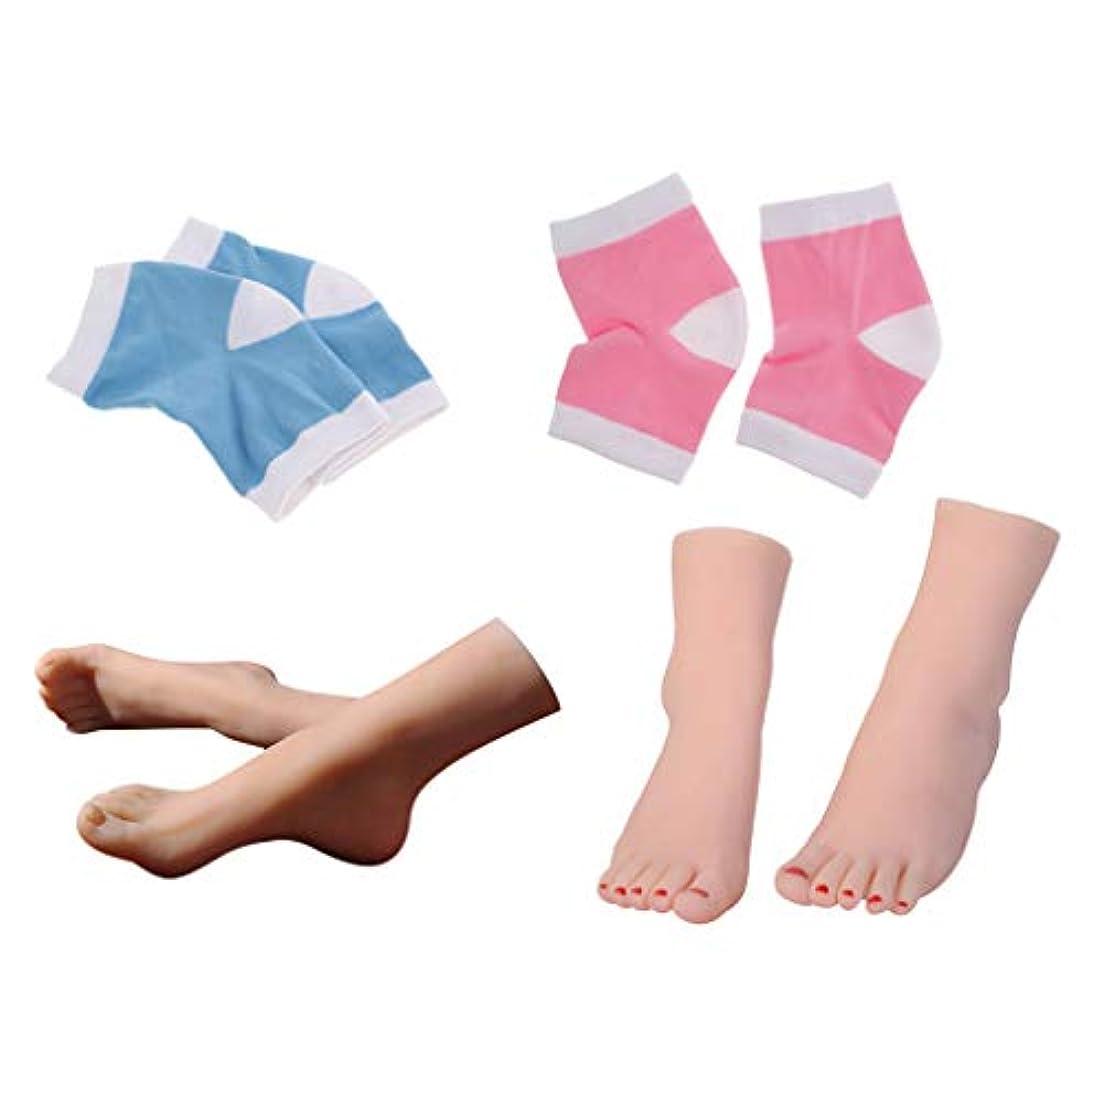 それ重要な役割を果たす、中心的な手段となる適応的DYNWAVE ディスプレイフット マネキン 足モデル ネイルサロン 靴屋 靴下屋 マッサージ師 人形作り用